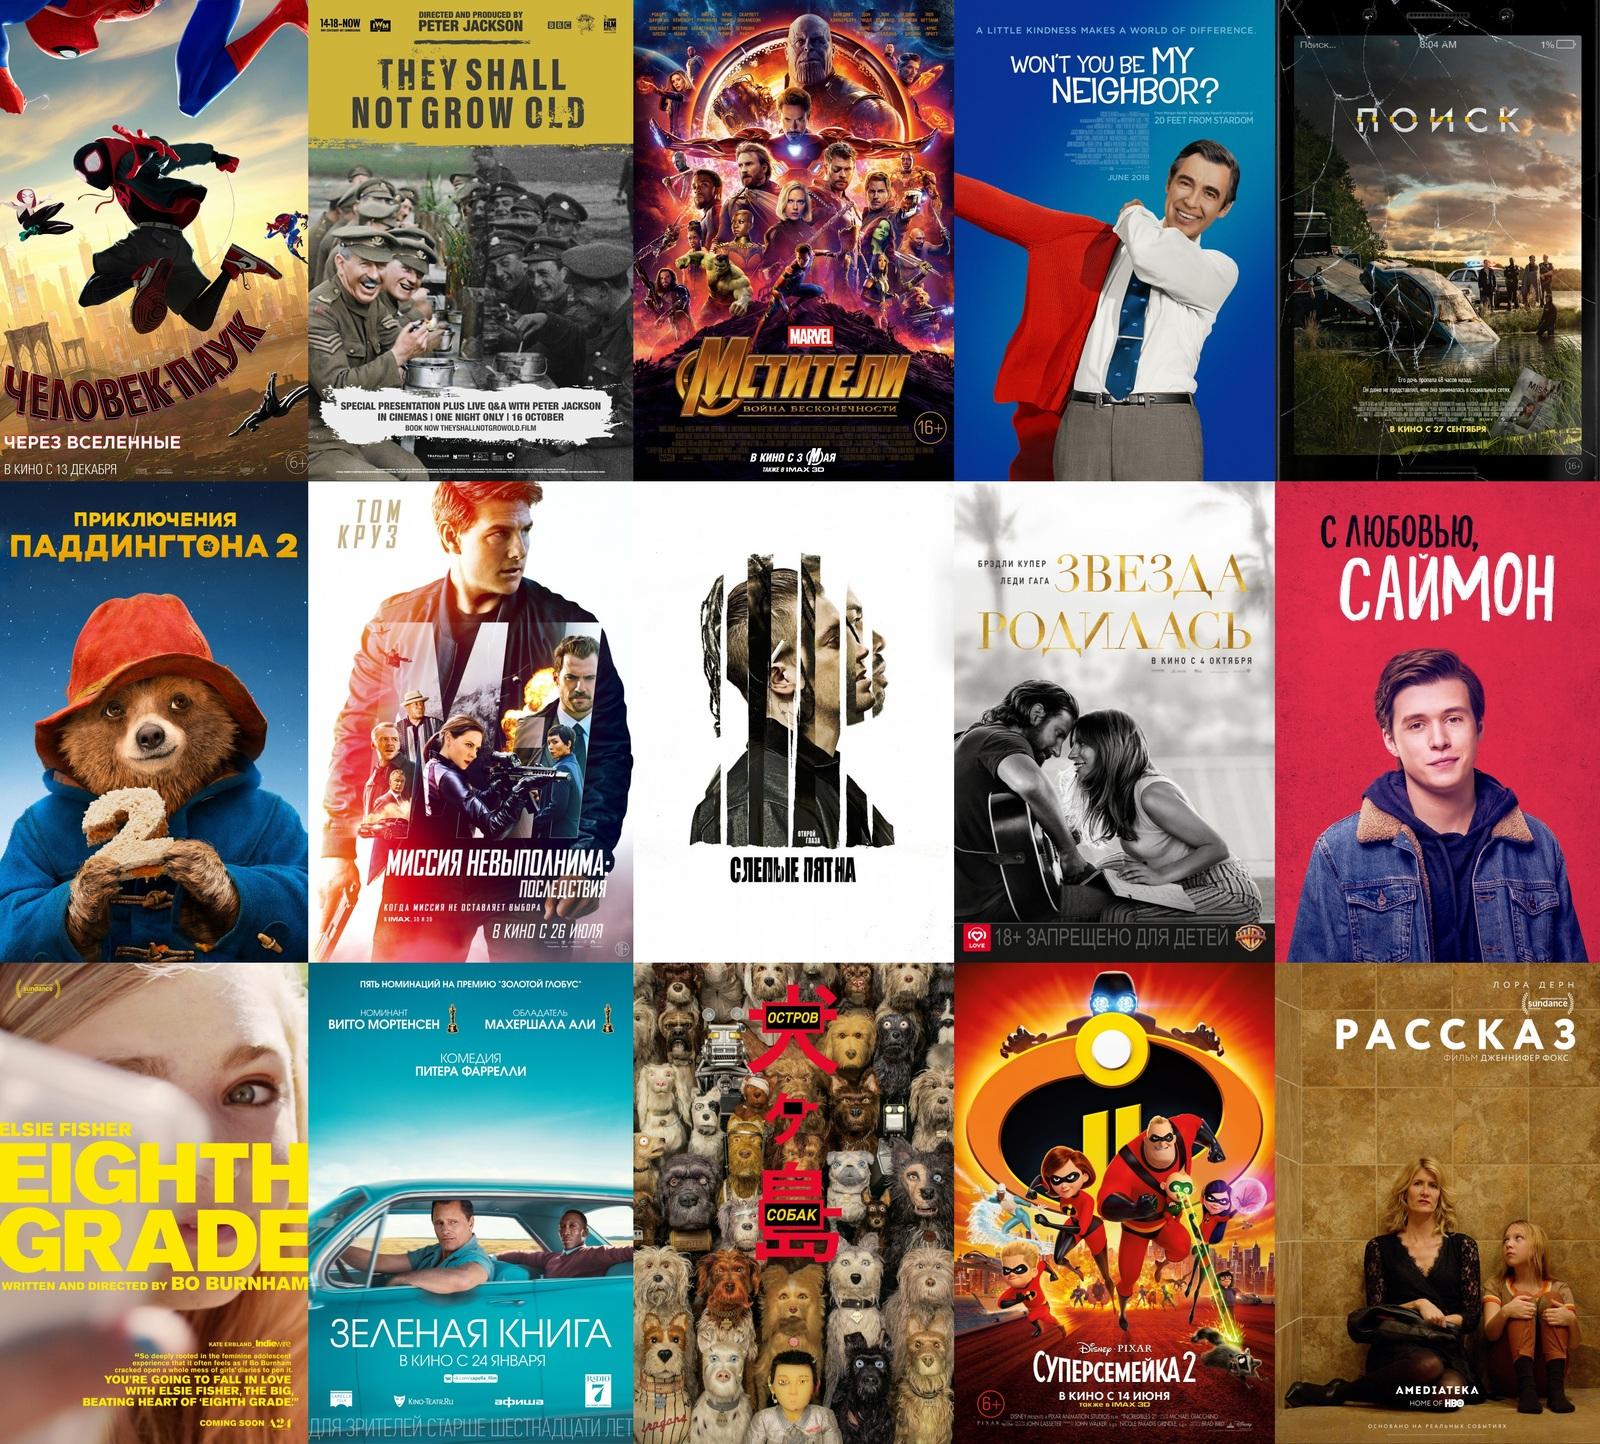 лучшие фильмы 2018 года по мнению пользователей Reddit